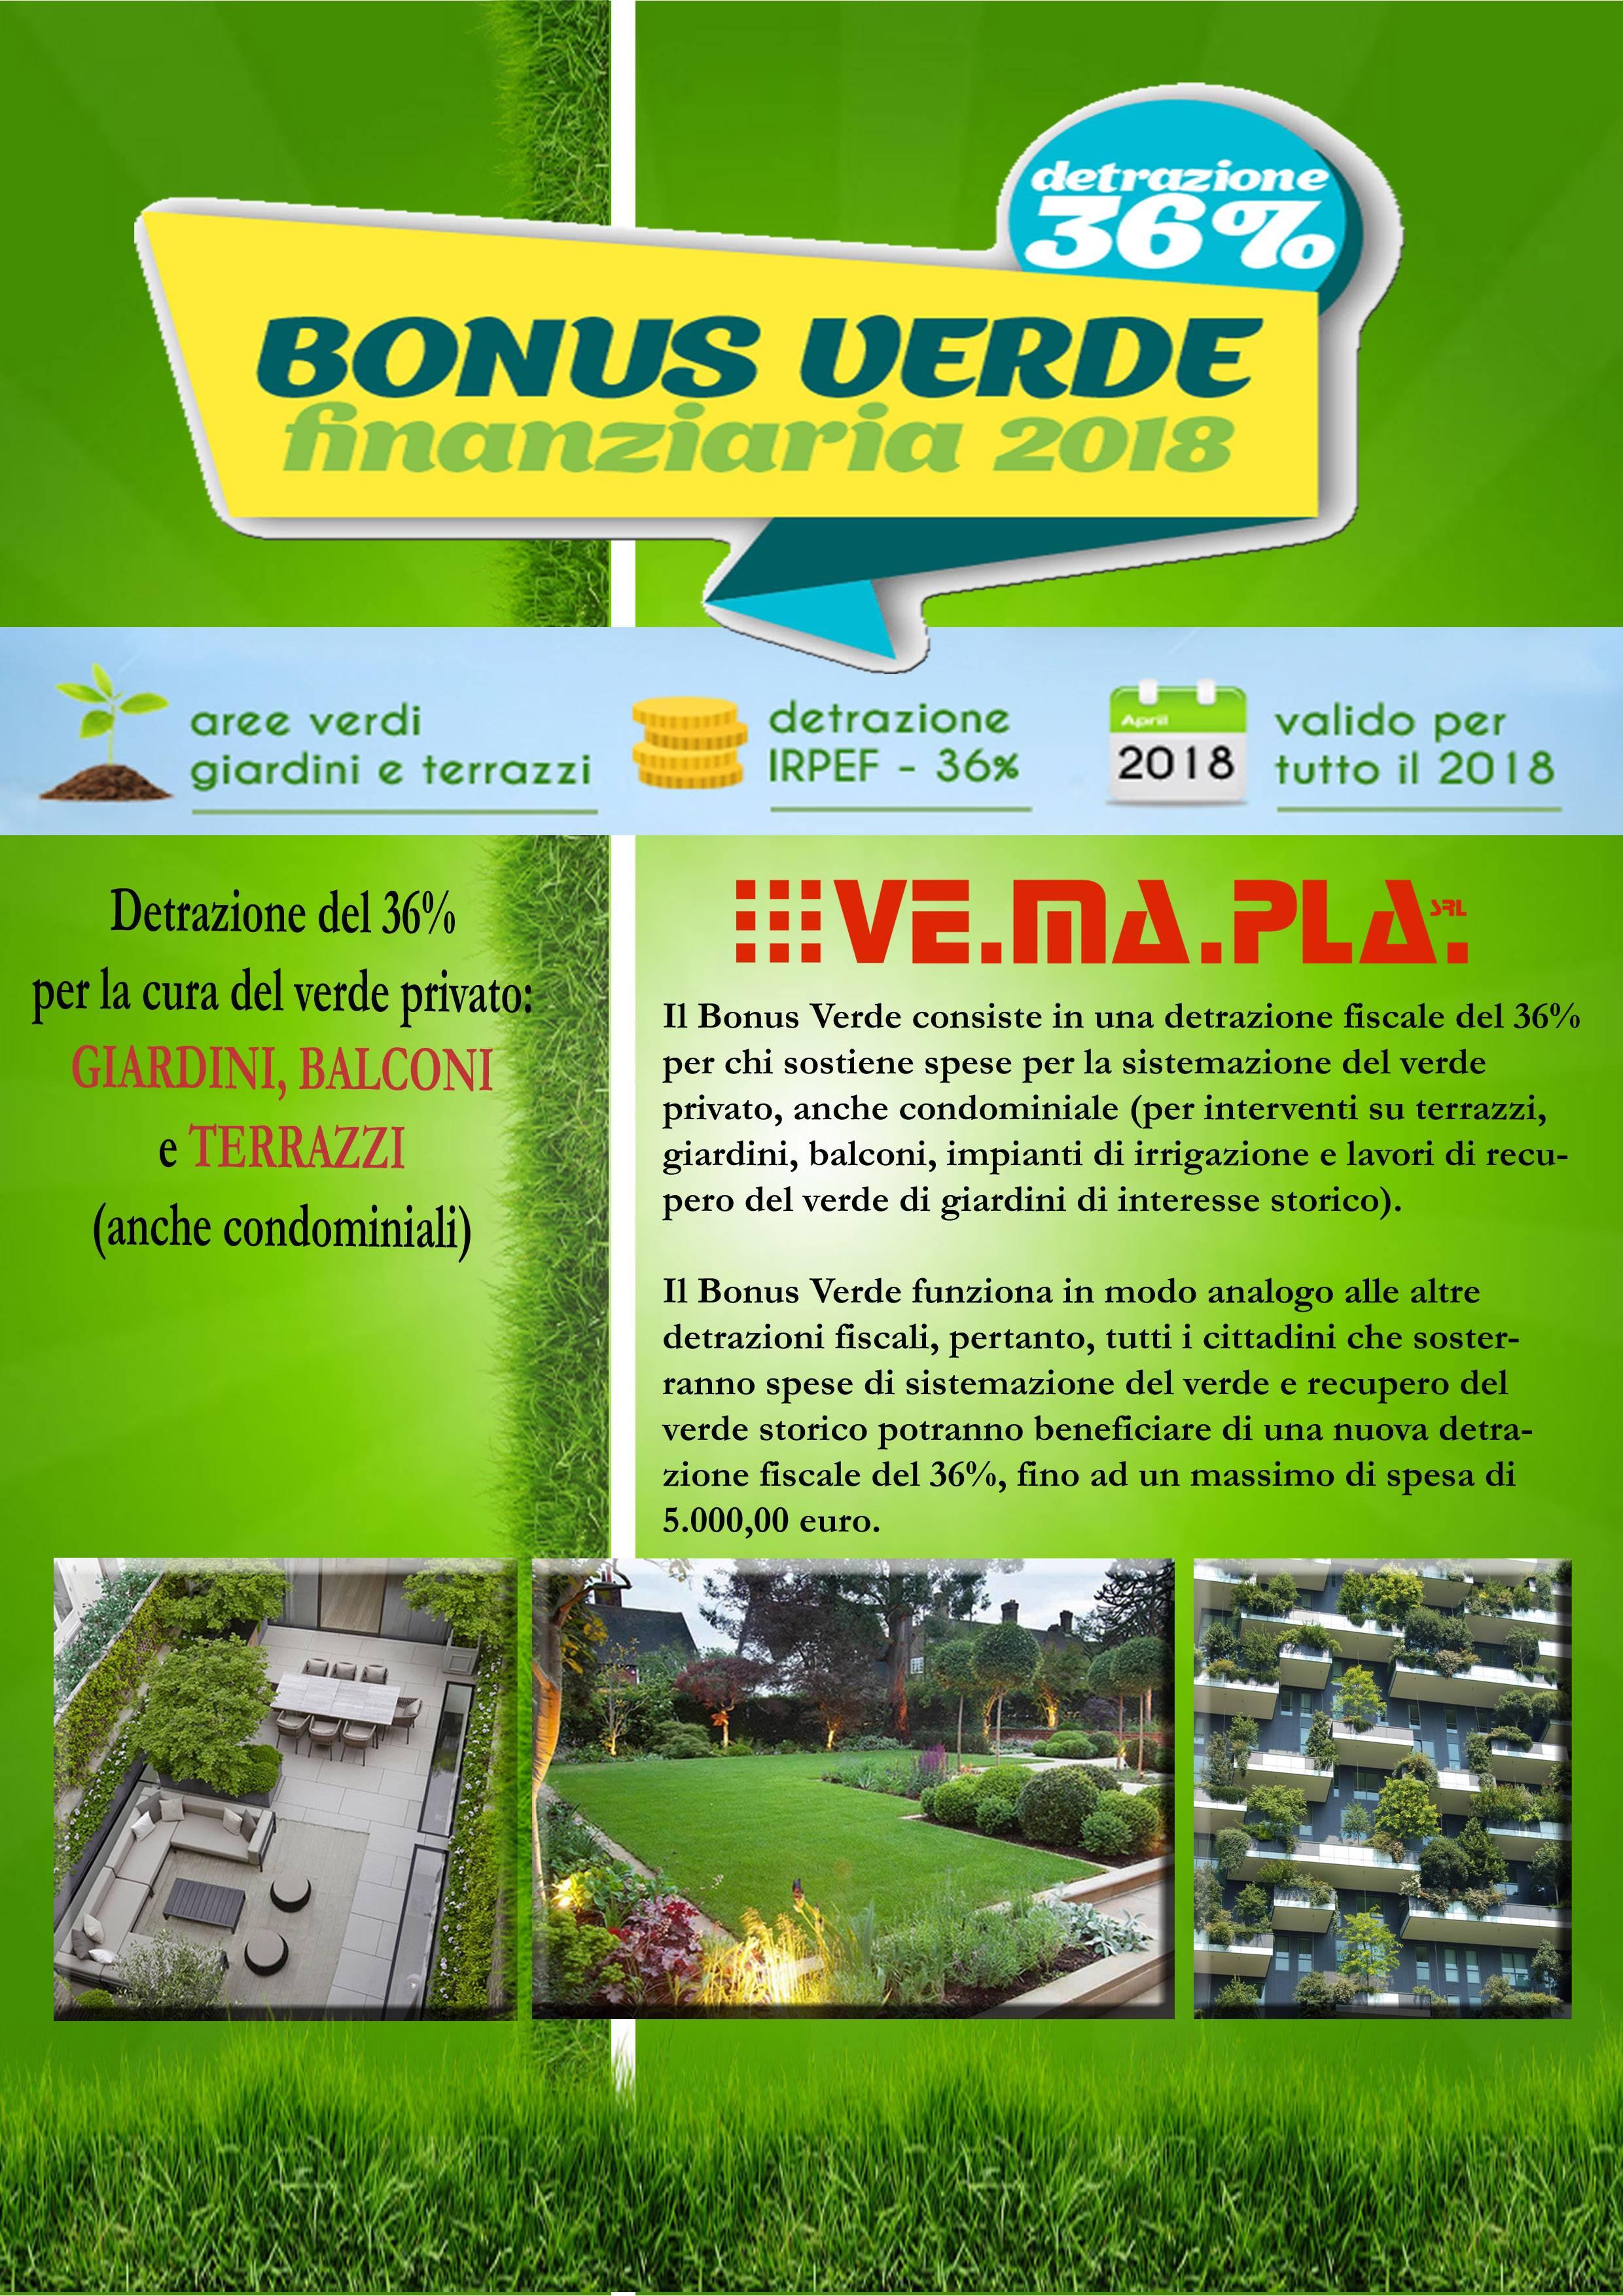 Locandina Bonus Verde Vemapla